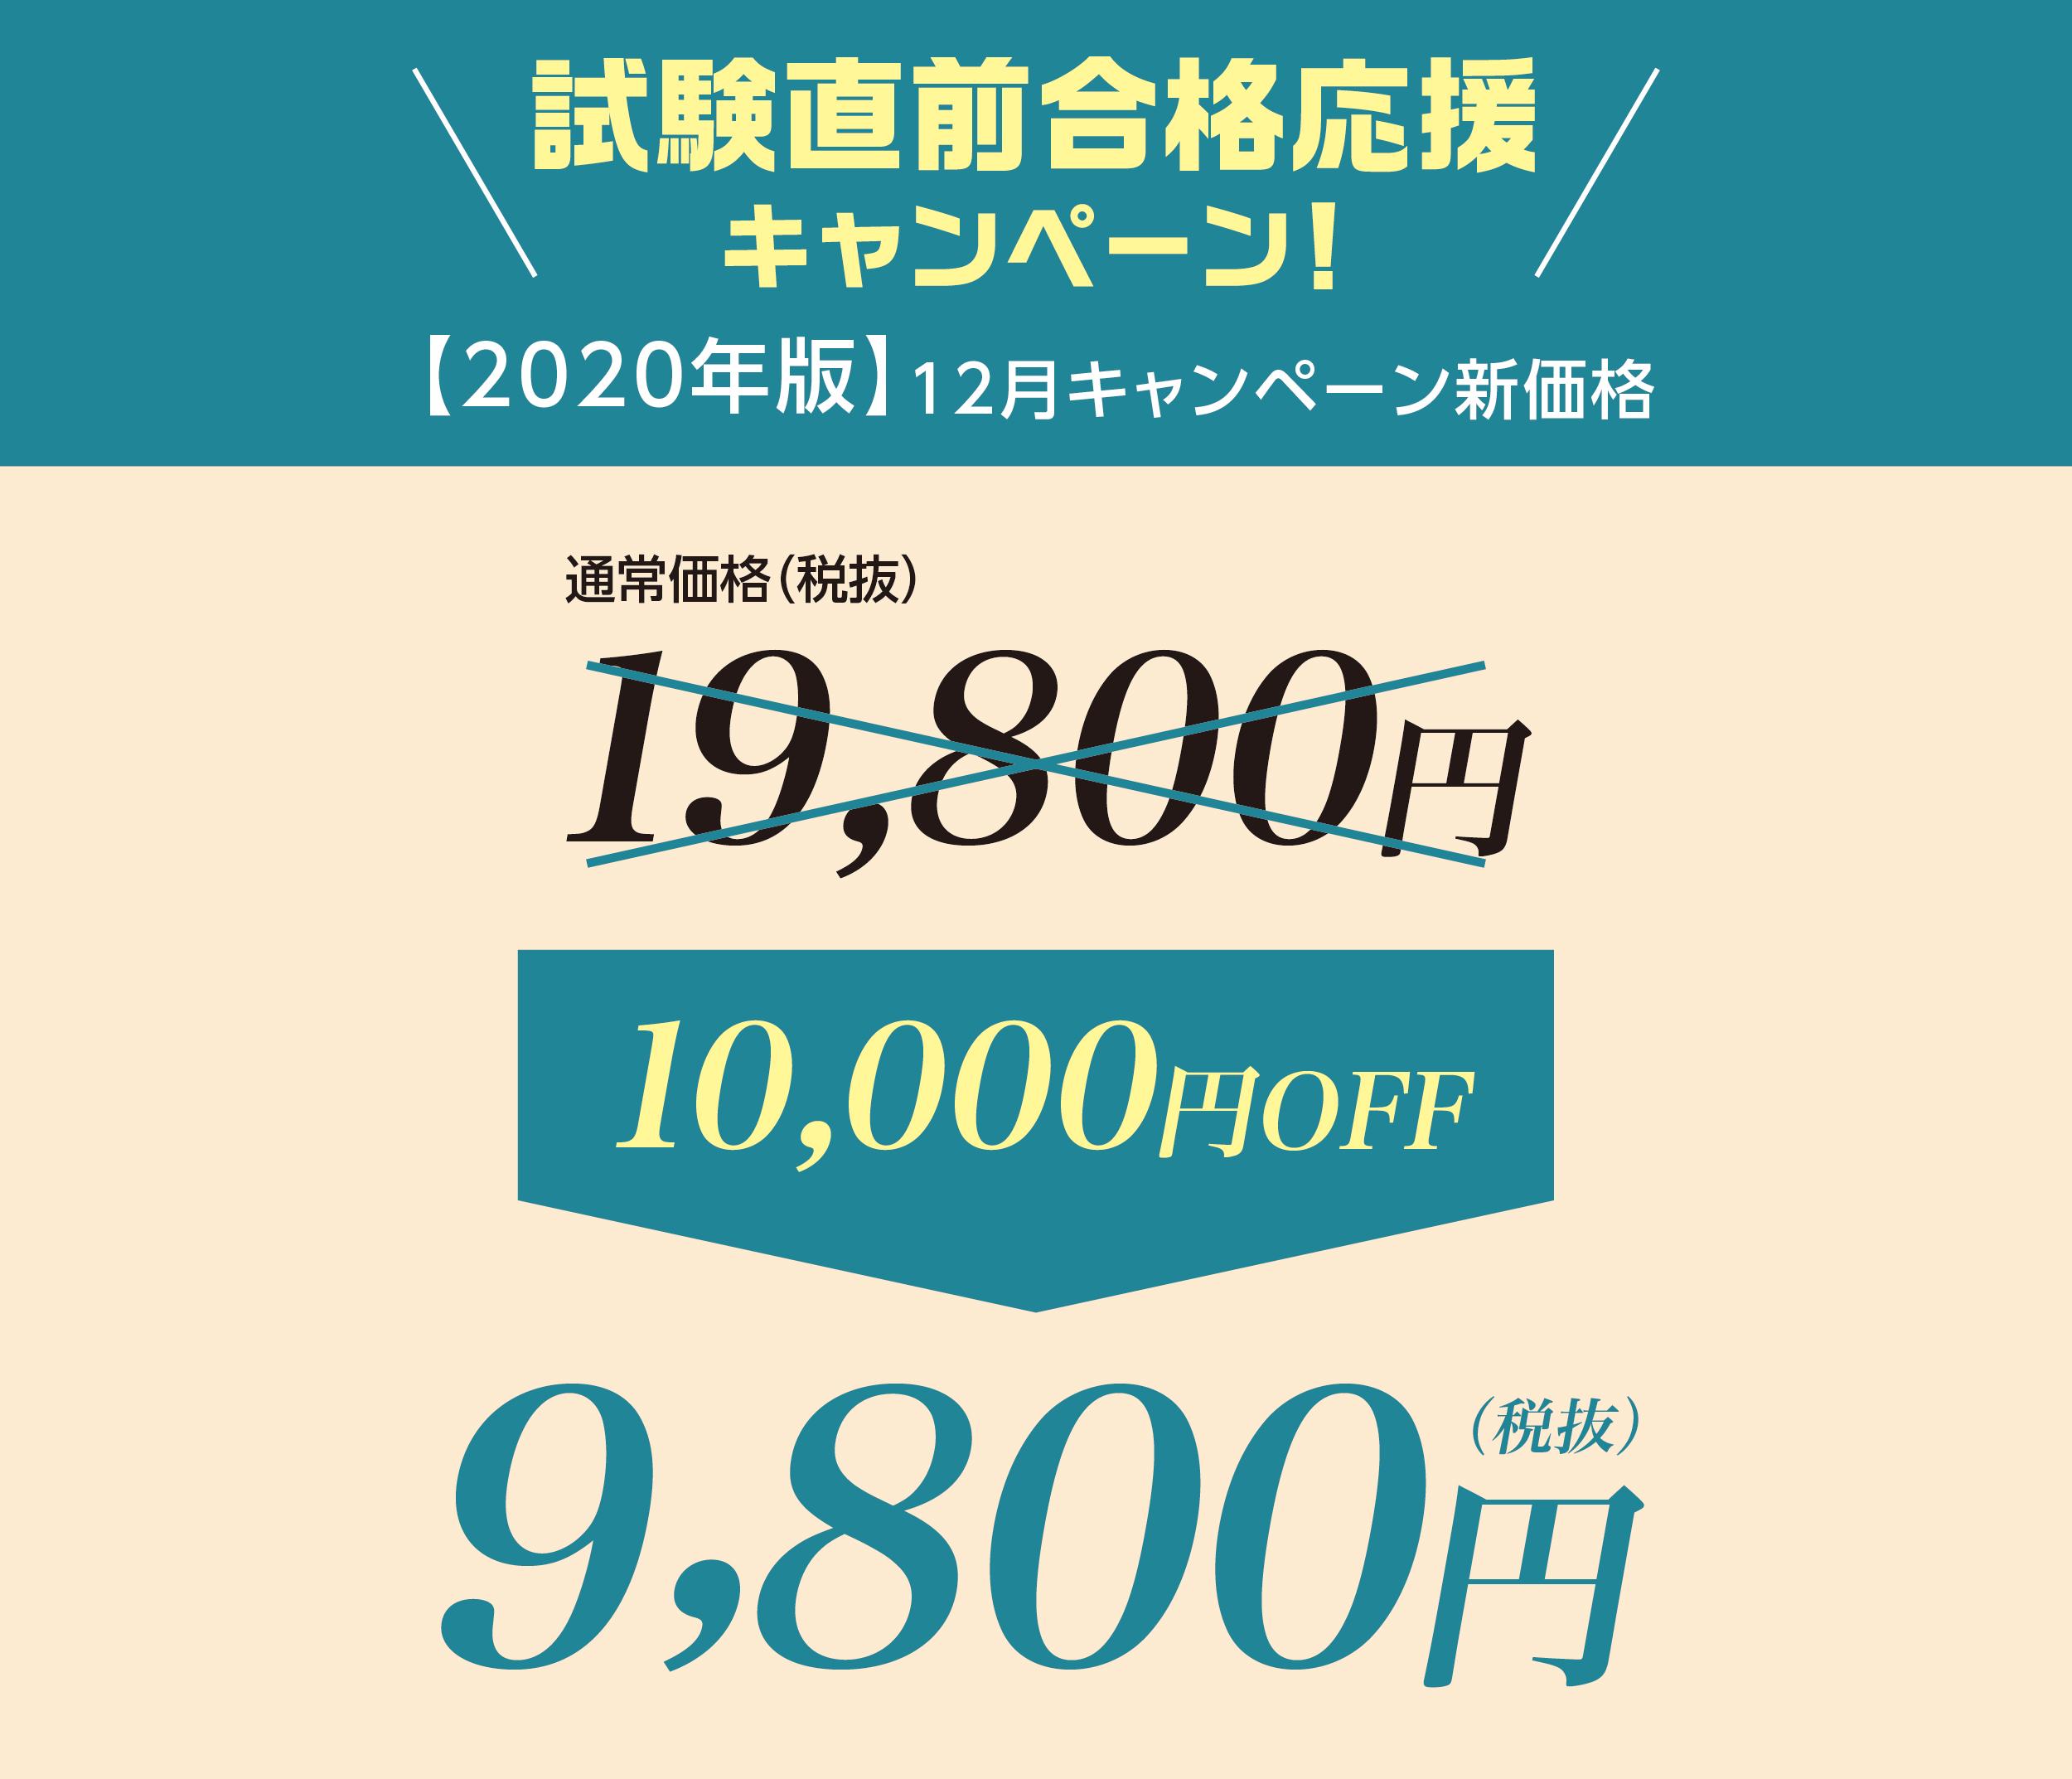 2020年版12月キャンペーン価格